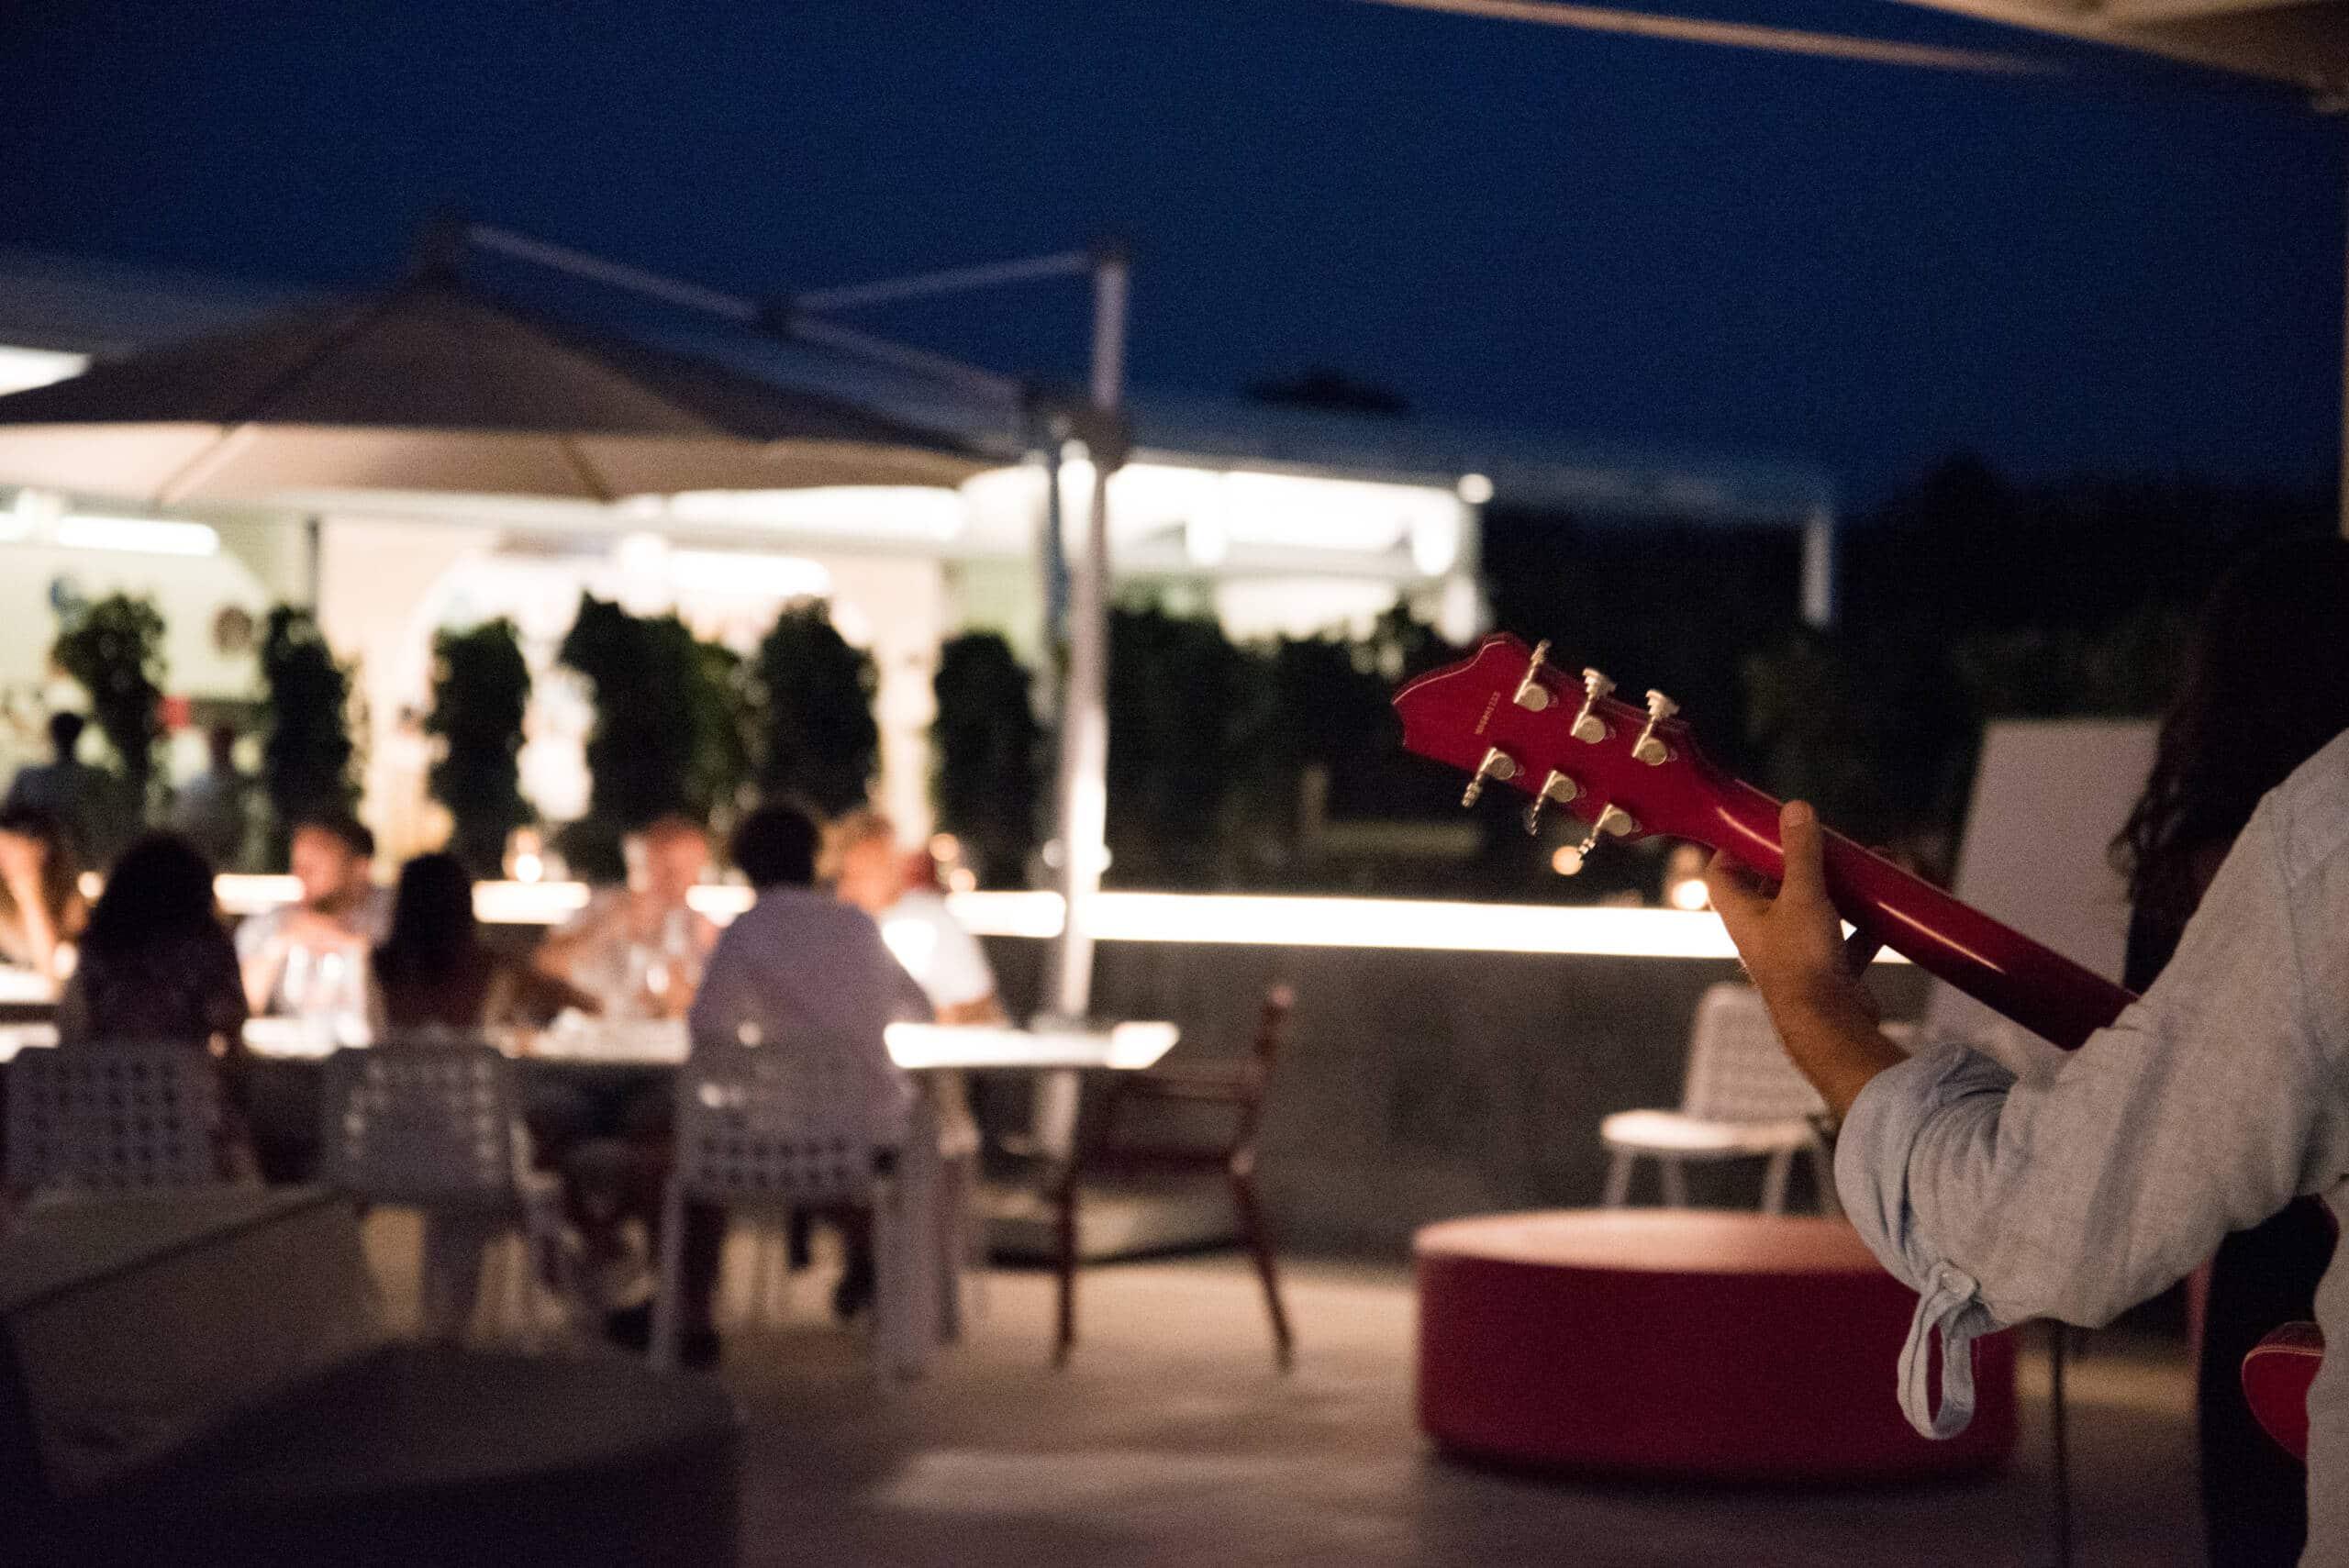 Finale chitarra con gruppo di persone in lontananza